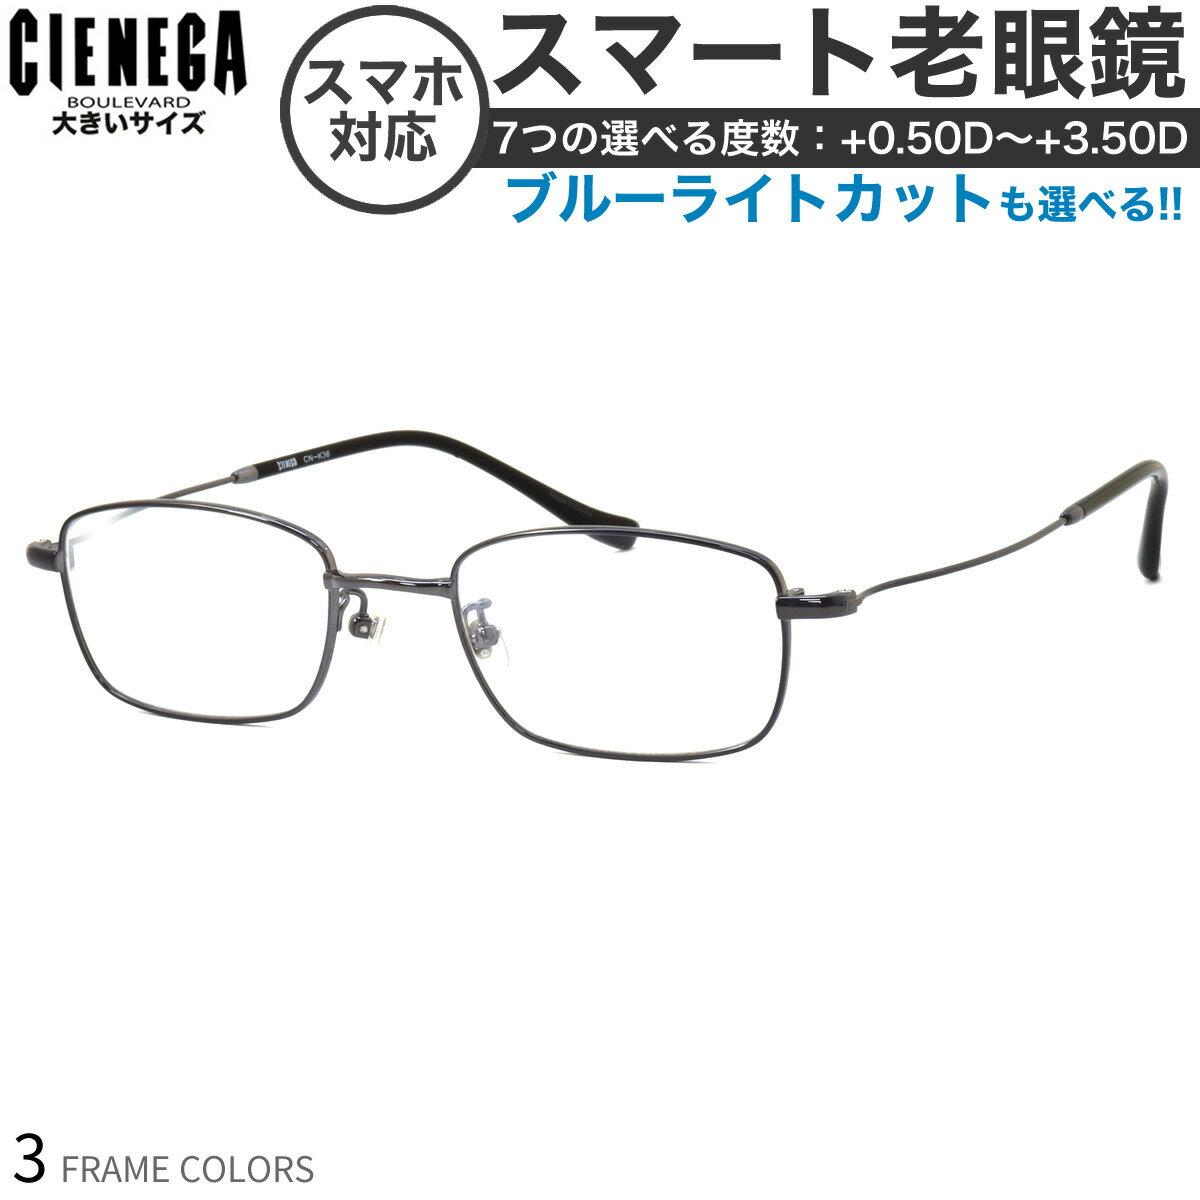 眼鏡・サングラス, 老眼鏡  CN-K36 PC UV CIENEGA UV400 OS